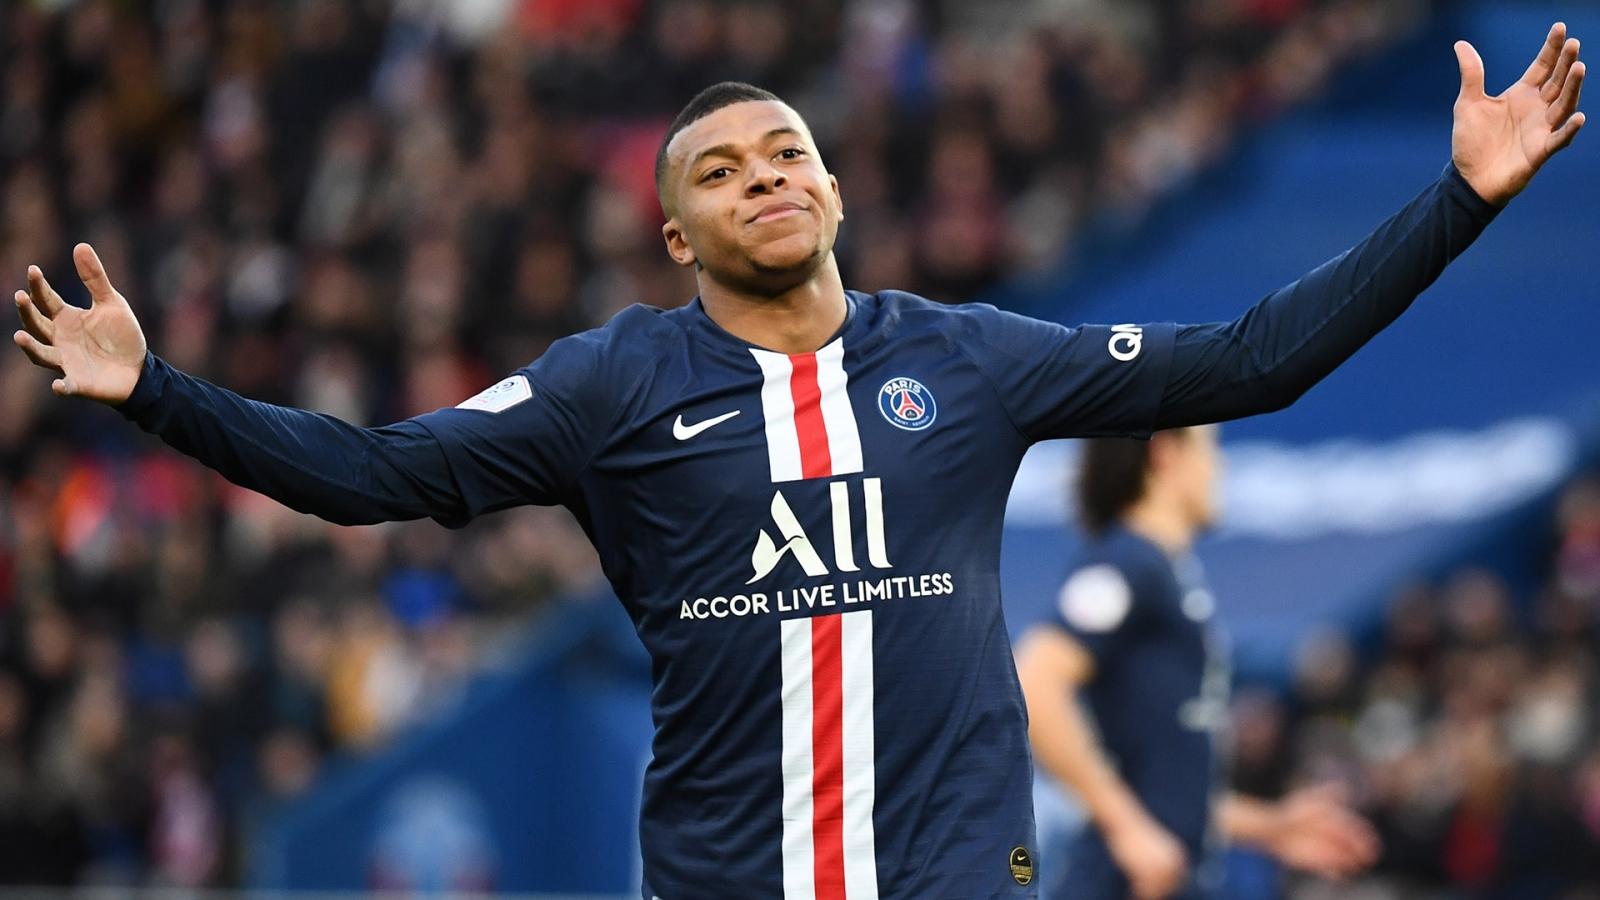 Những cầu thủ U21 hay nhất trong game FIFA 21: Không ai sánh được Mpappe